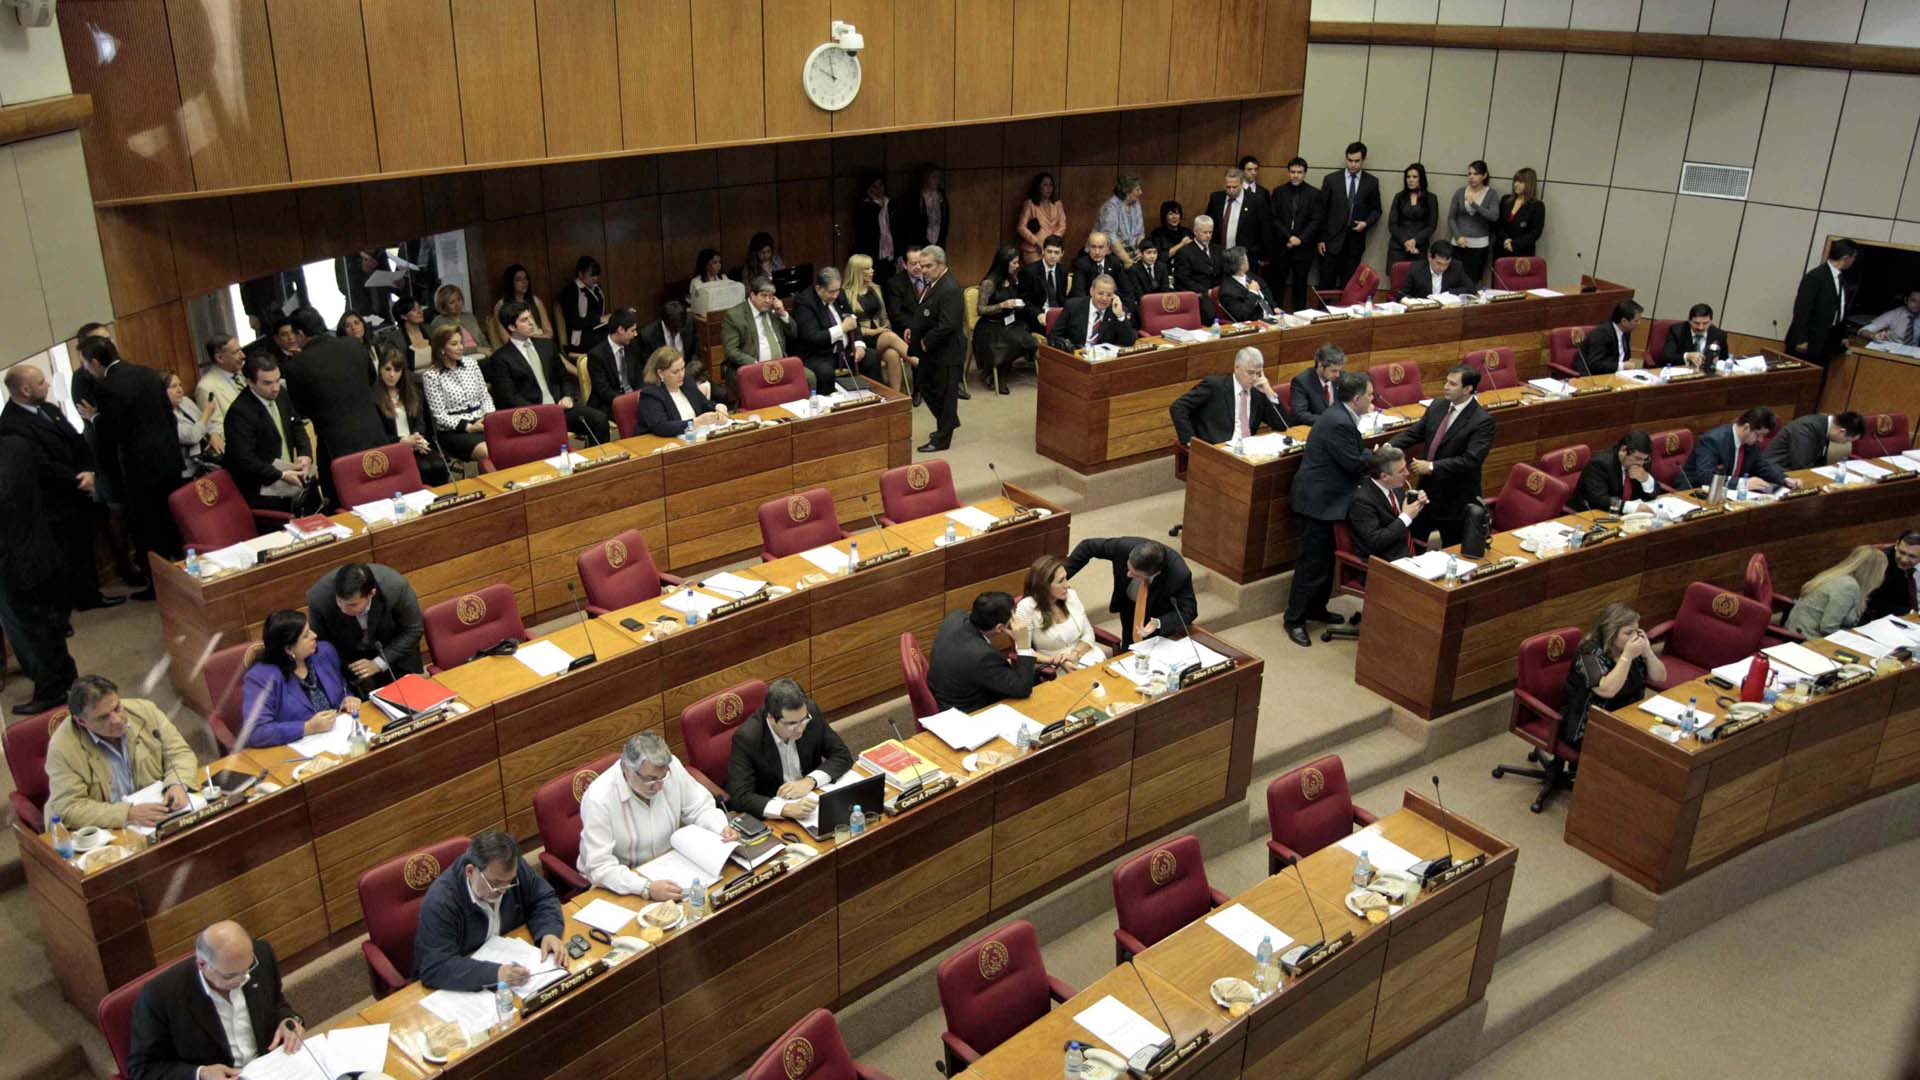 Los primeros tres de nueve magistrados acusados de corrupción en diciembre de 2014 serán procesados